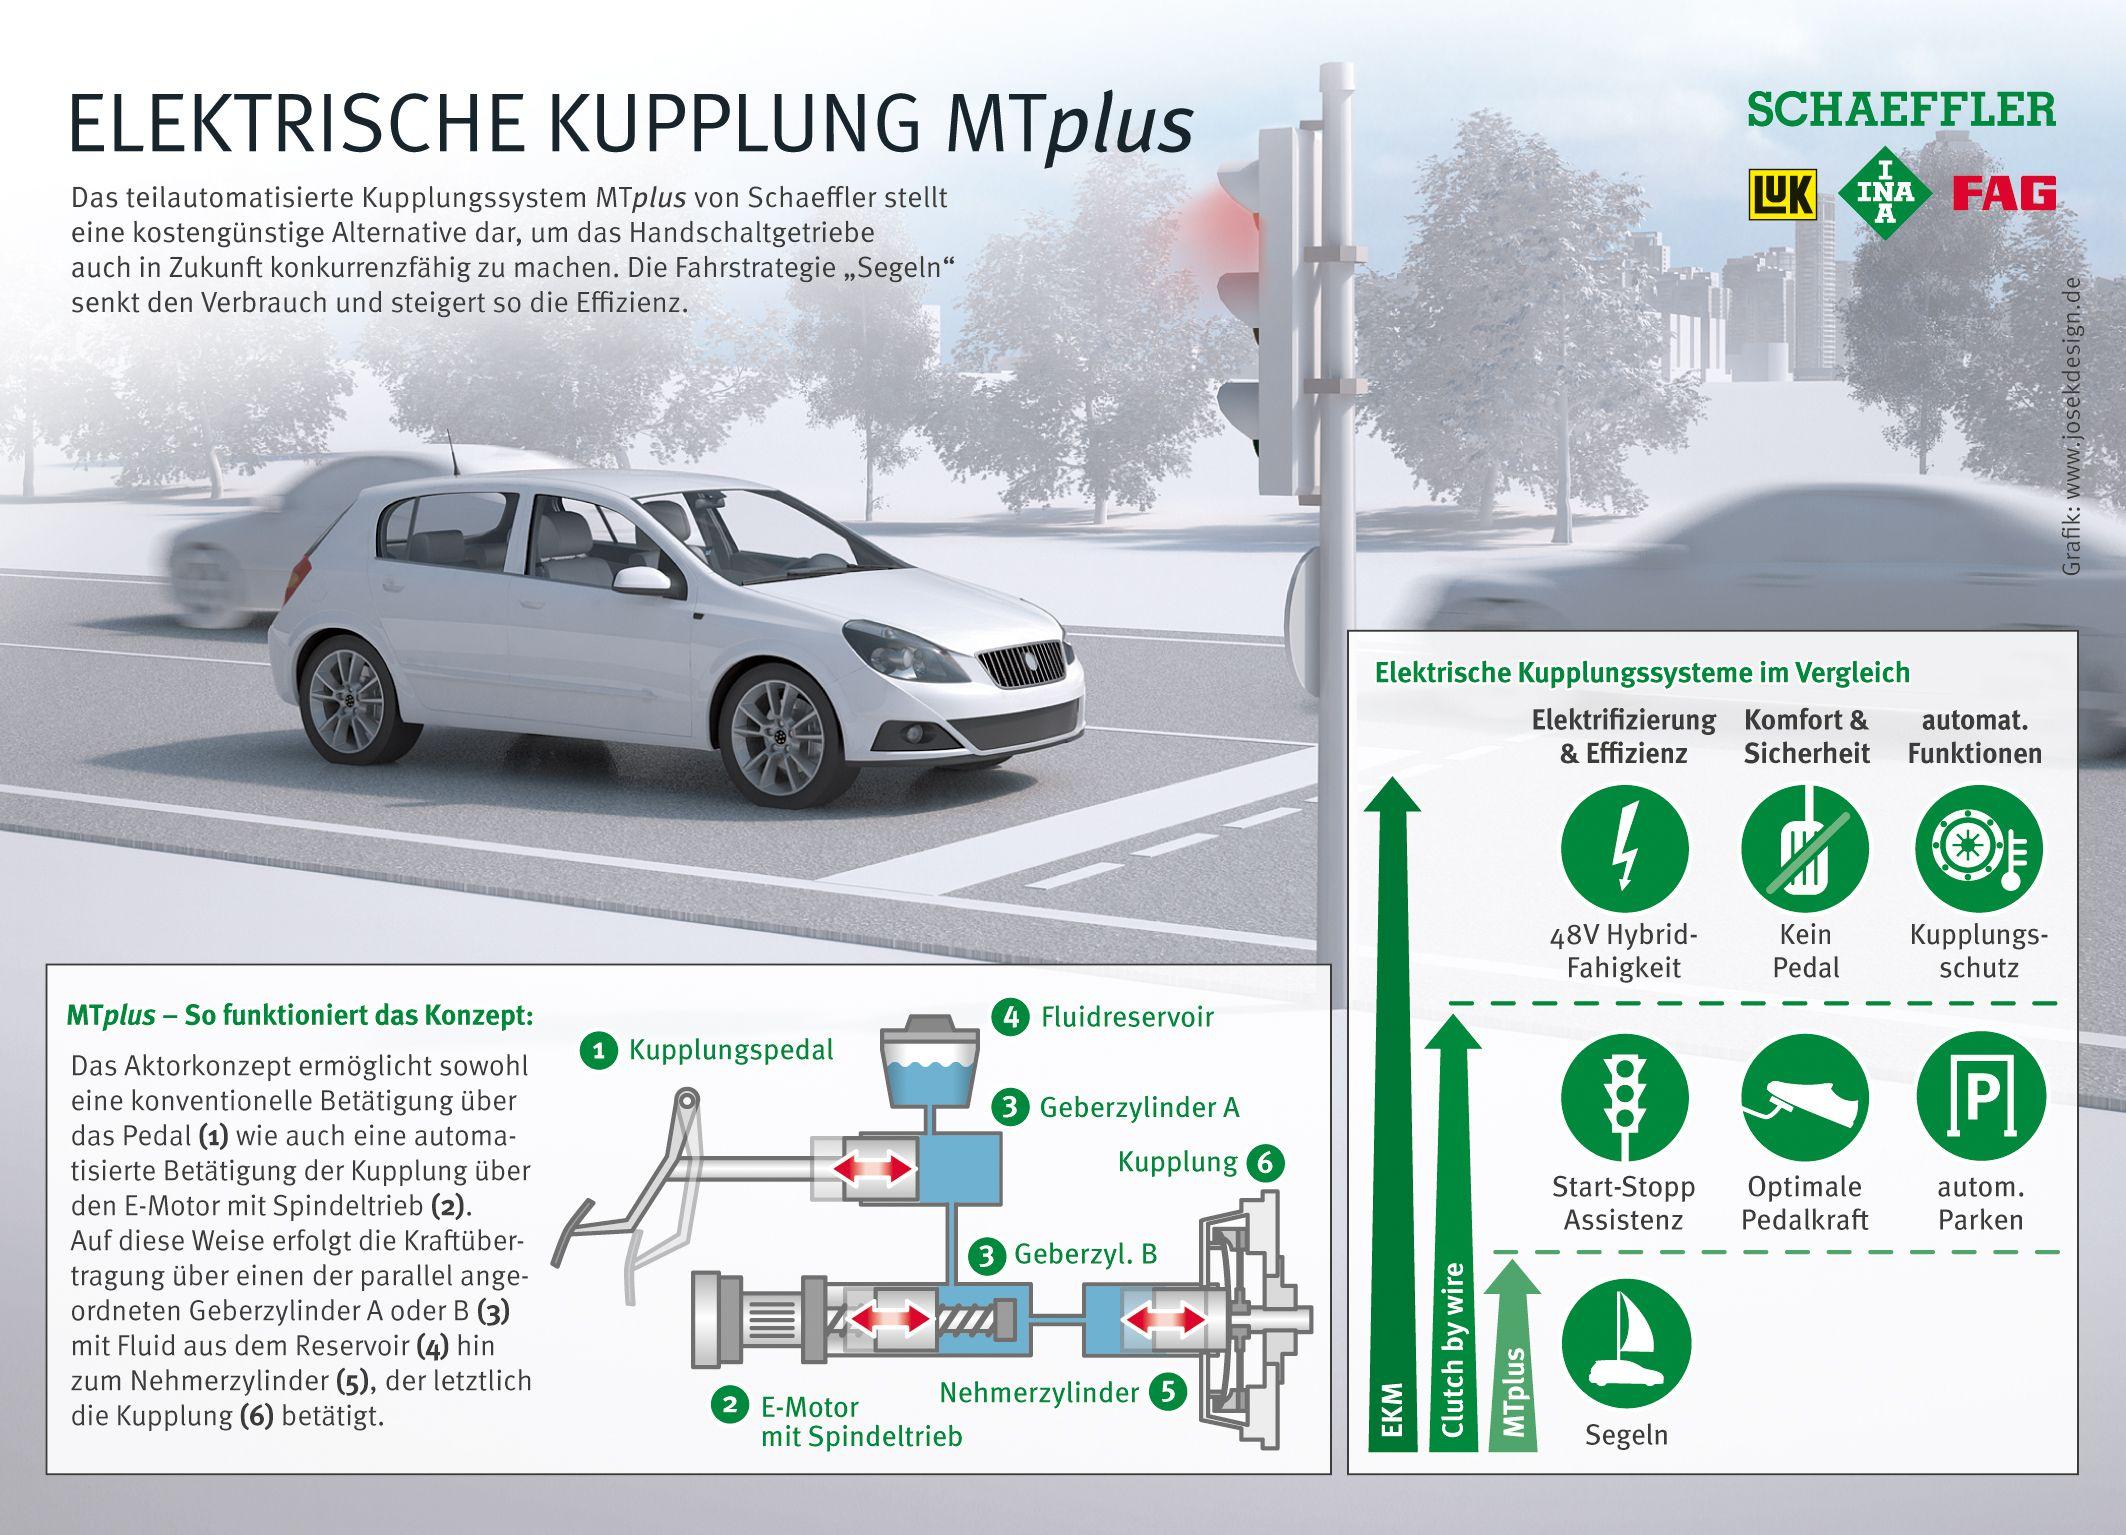 Grafik zur elektronischen Kupplung MTplus